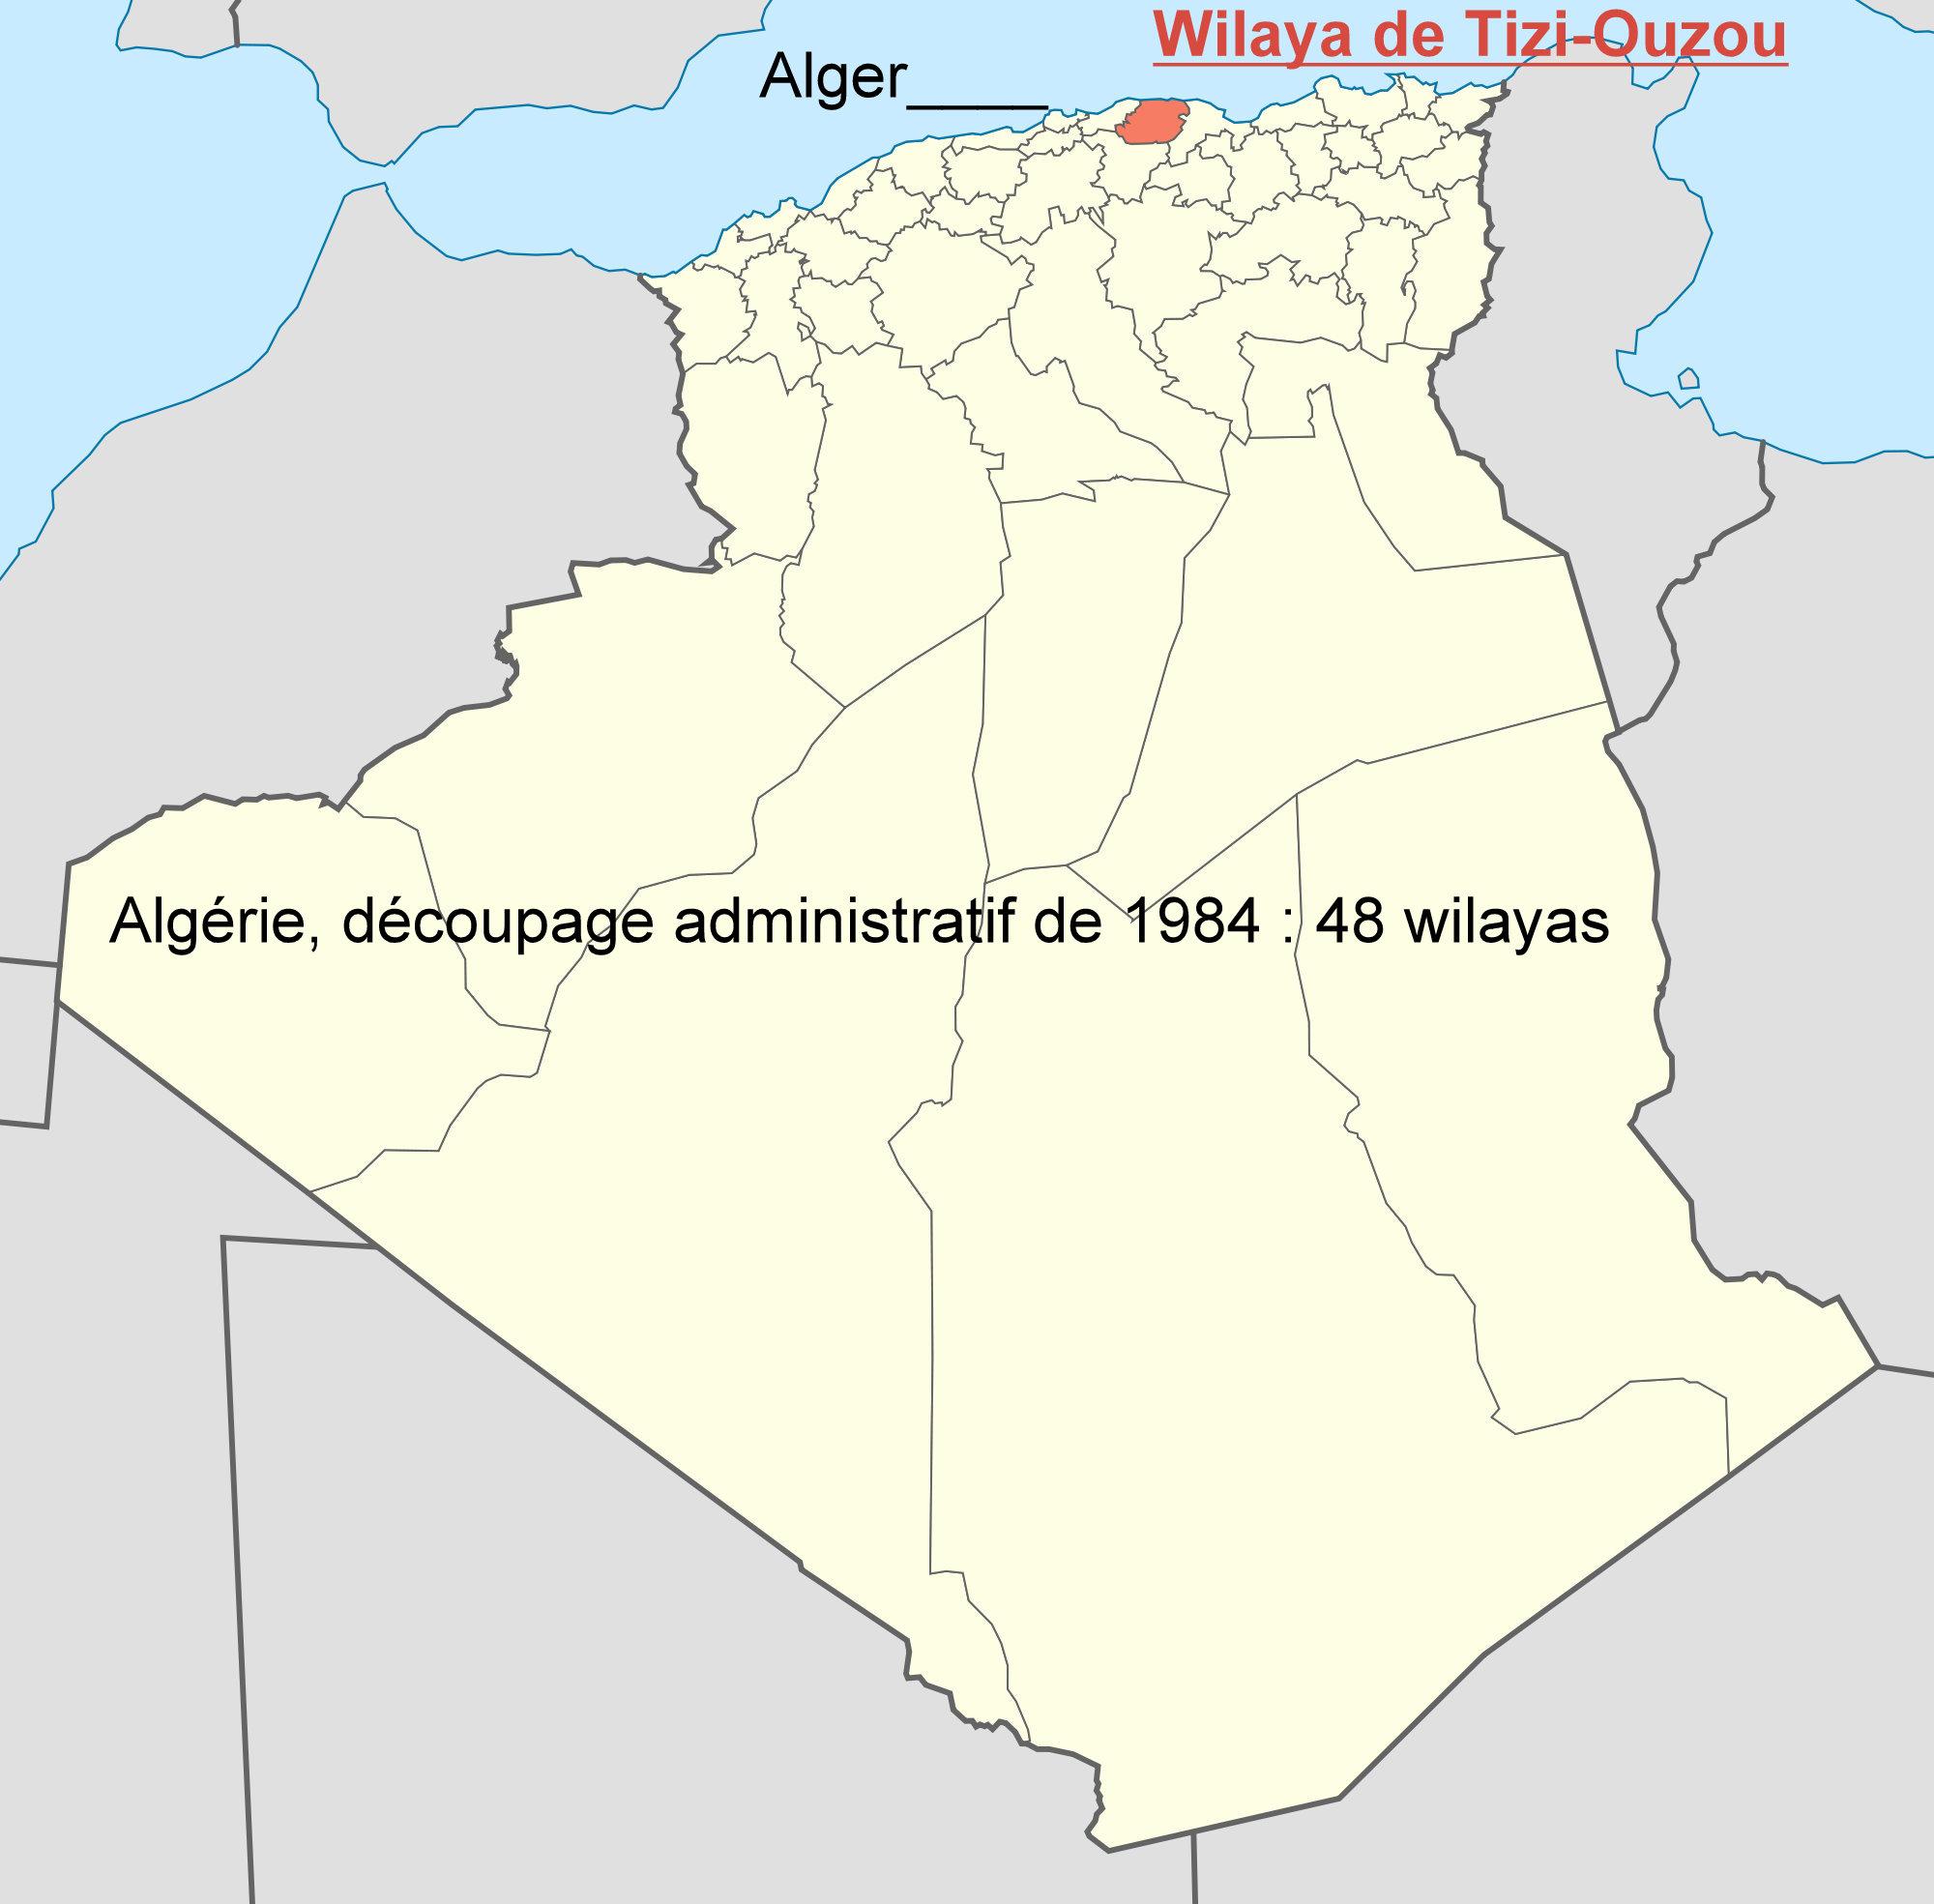 Carte Algerie Tizi Ouzou.Cartes De La Wilaya De Tizi Ouzou